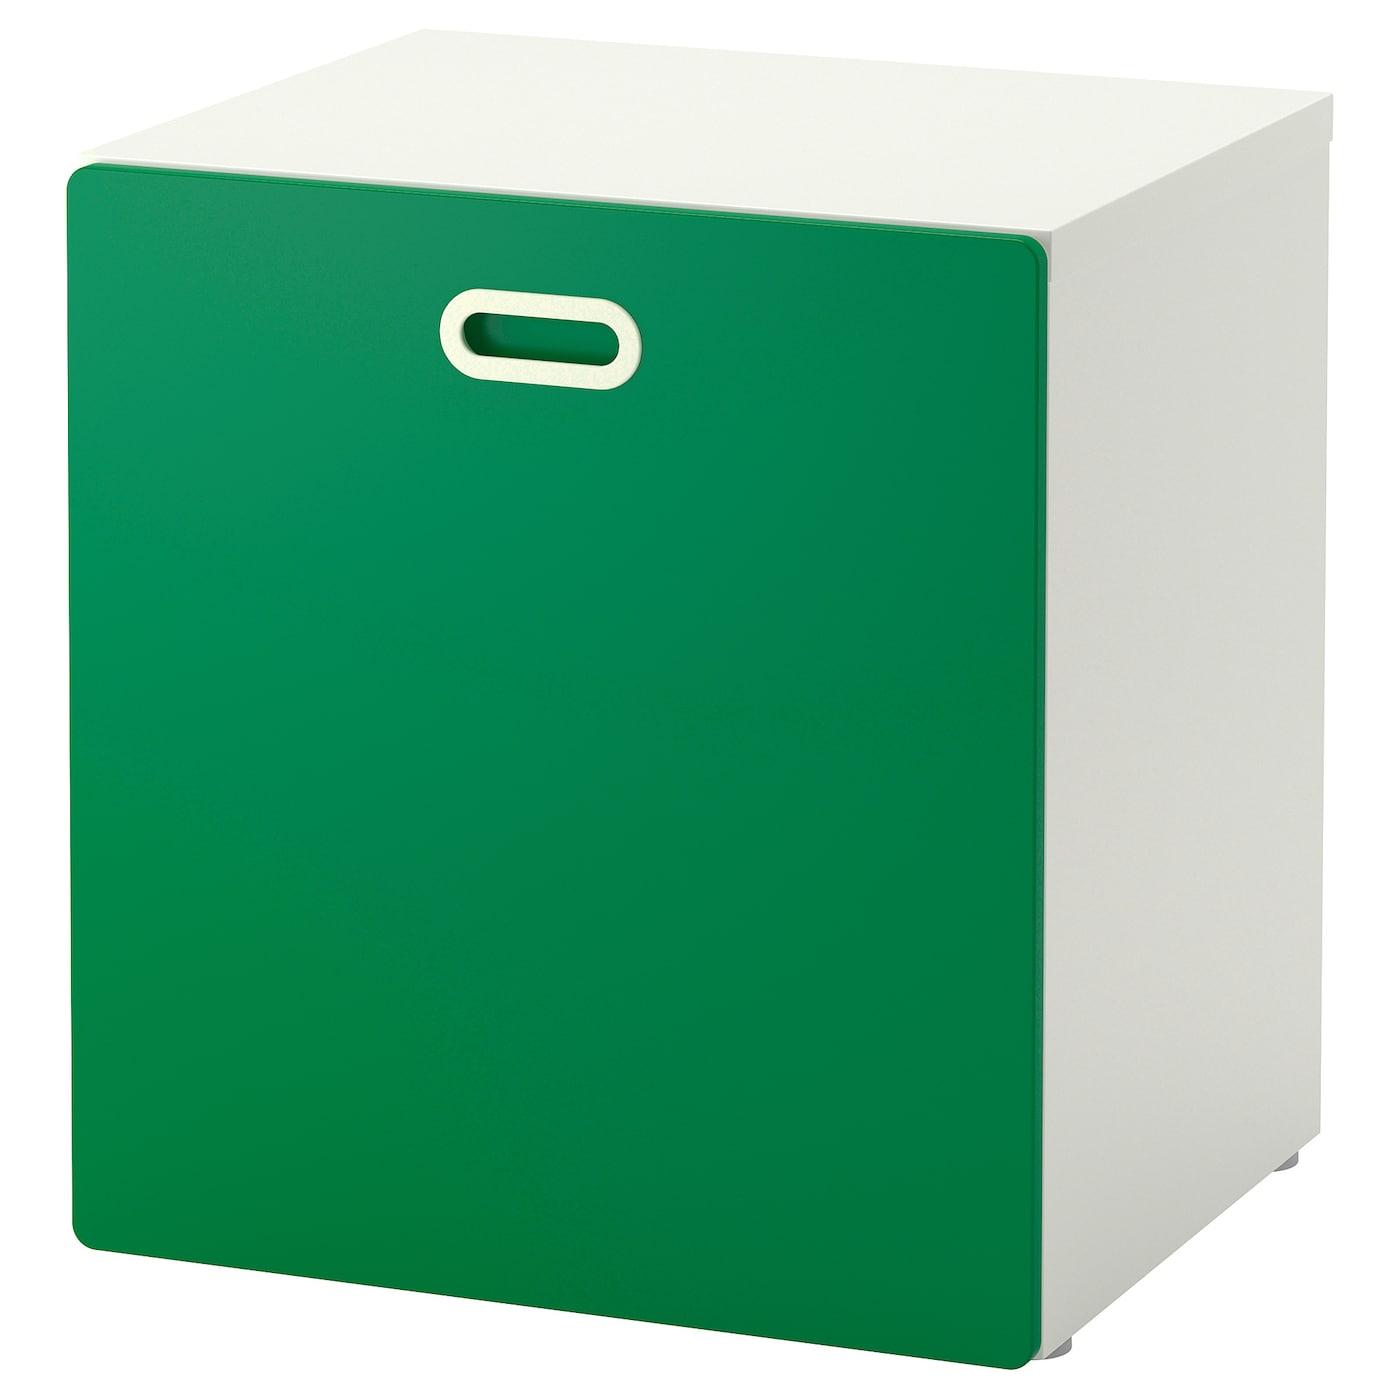 Модуль для игрушек, на колесиках, белый/зеленый 60x50x64 см IKEA STUVA СТУВА / FRITIDS ФРИТИДС 192.796.10 купить в Минске, цена